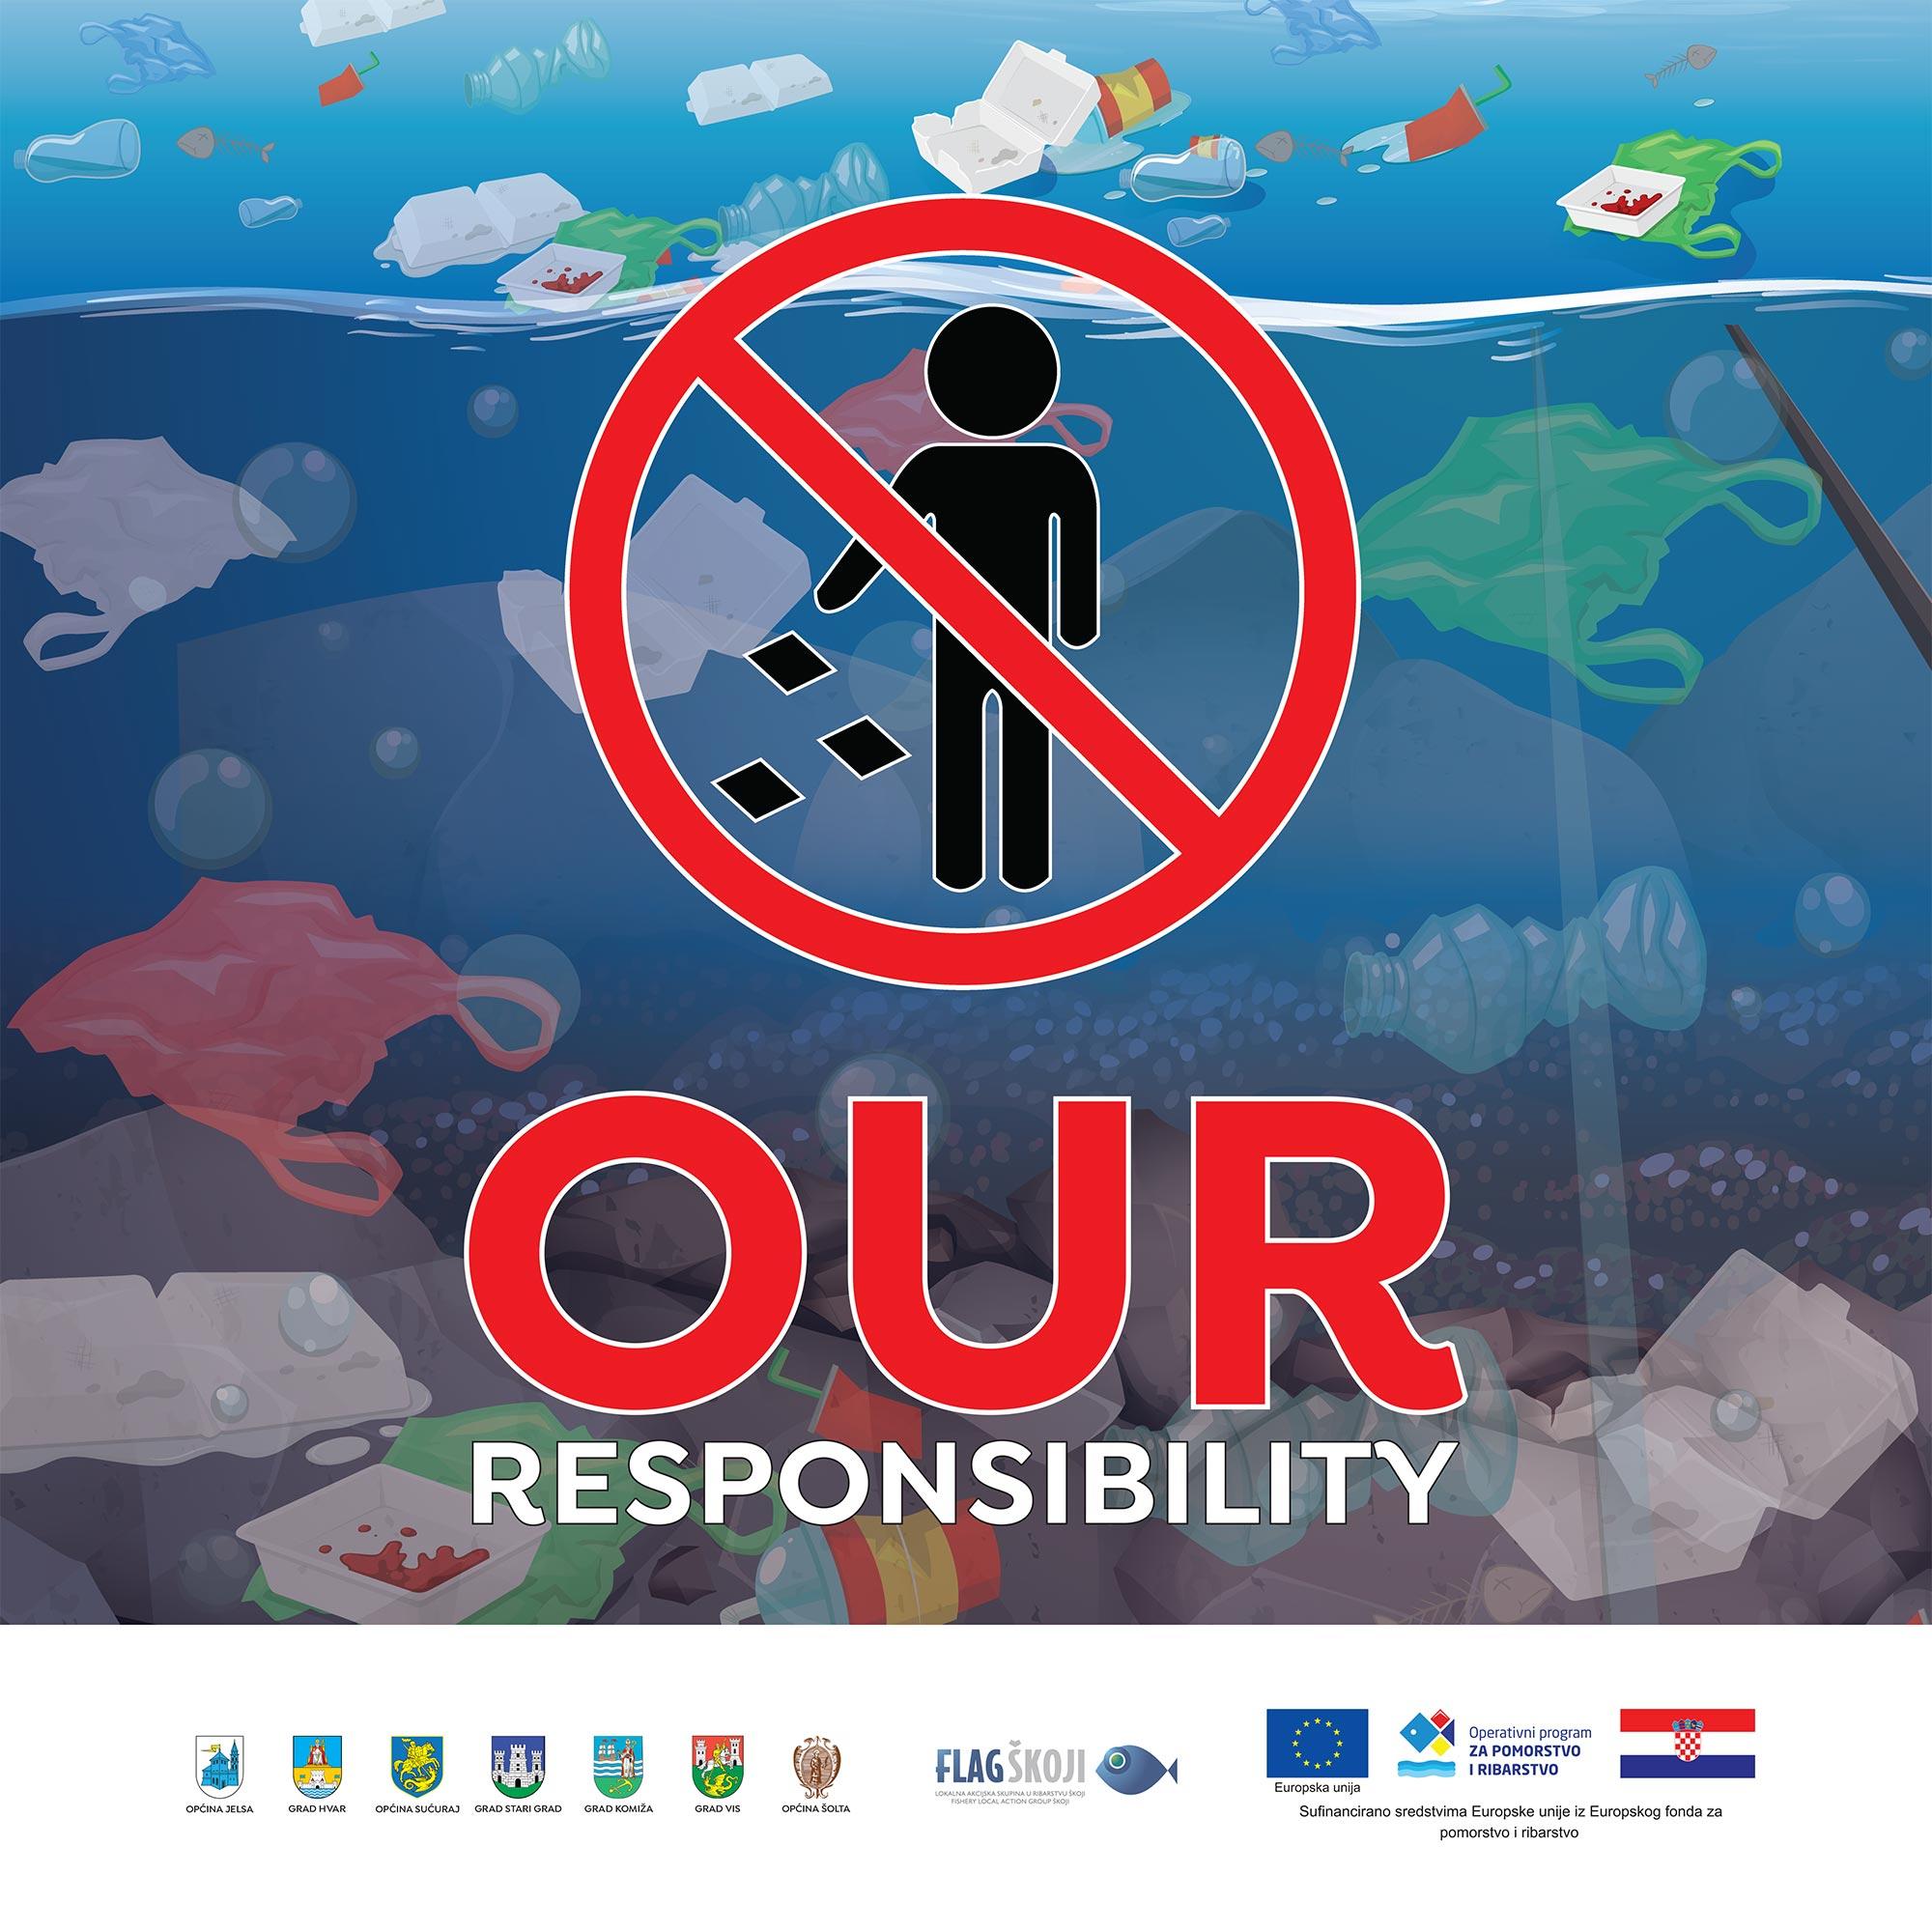 OUR RESPONSIBILITY - kampanja za promicanje svijesti o zaštiti okoliša